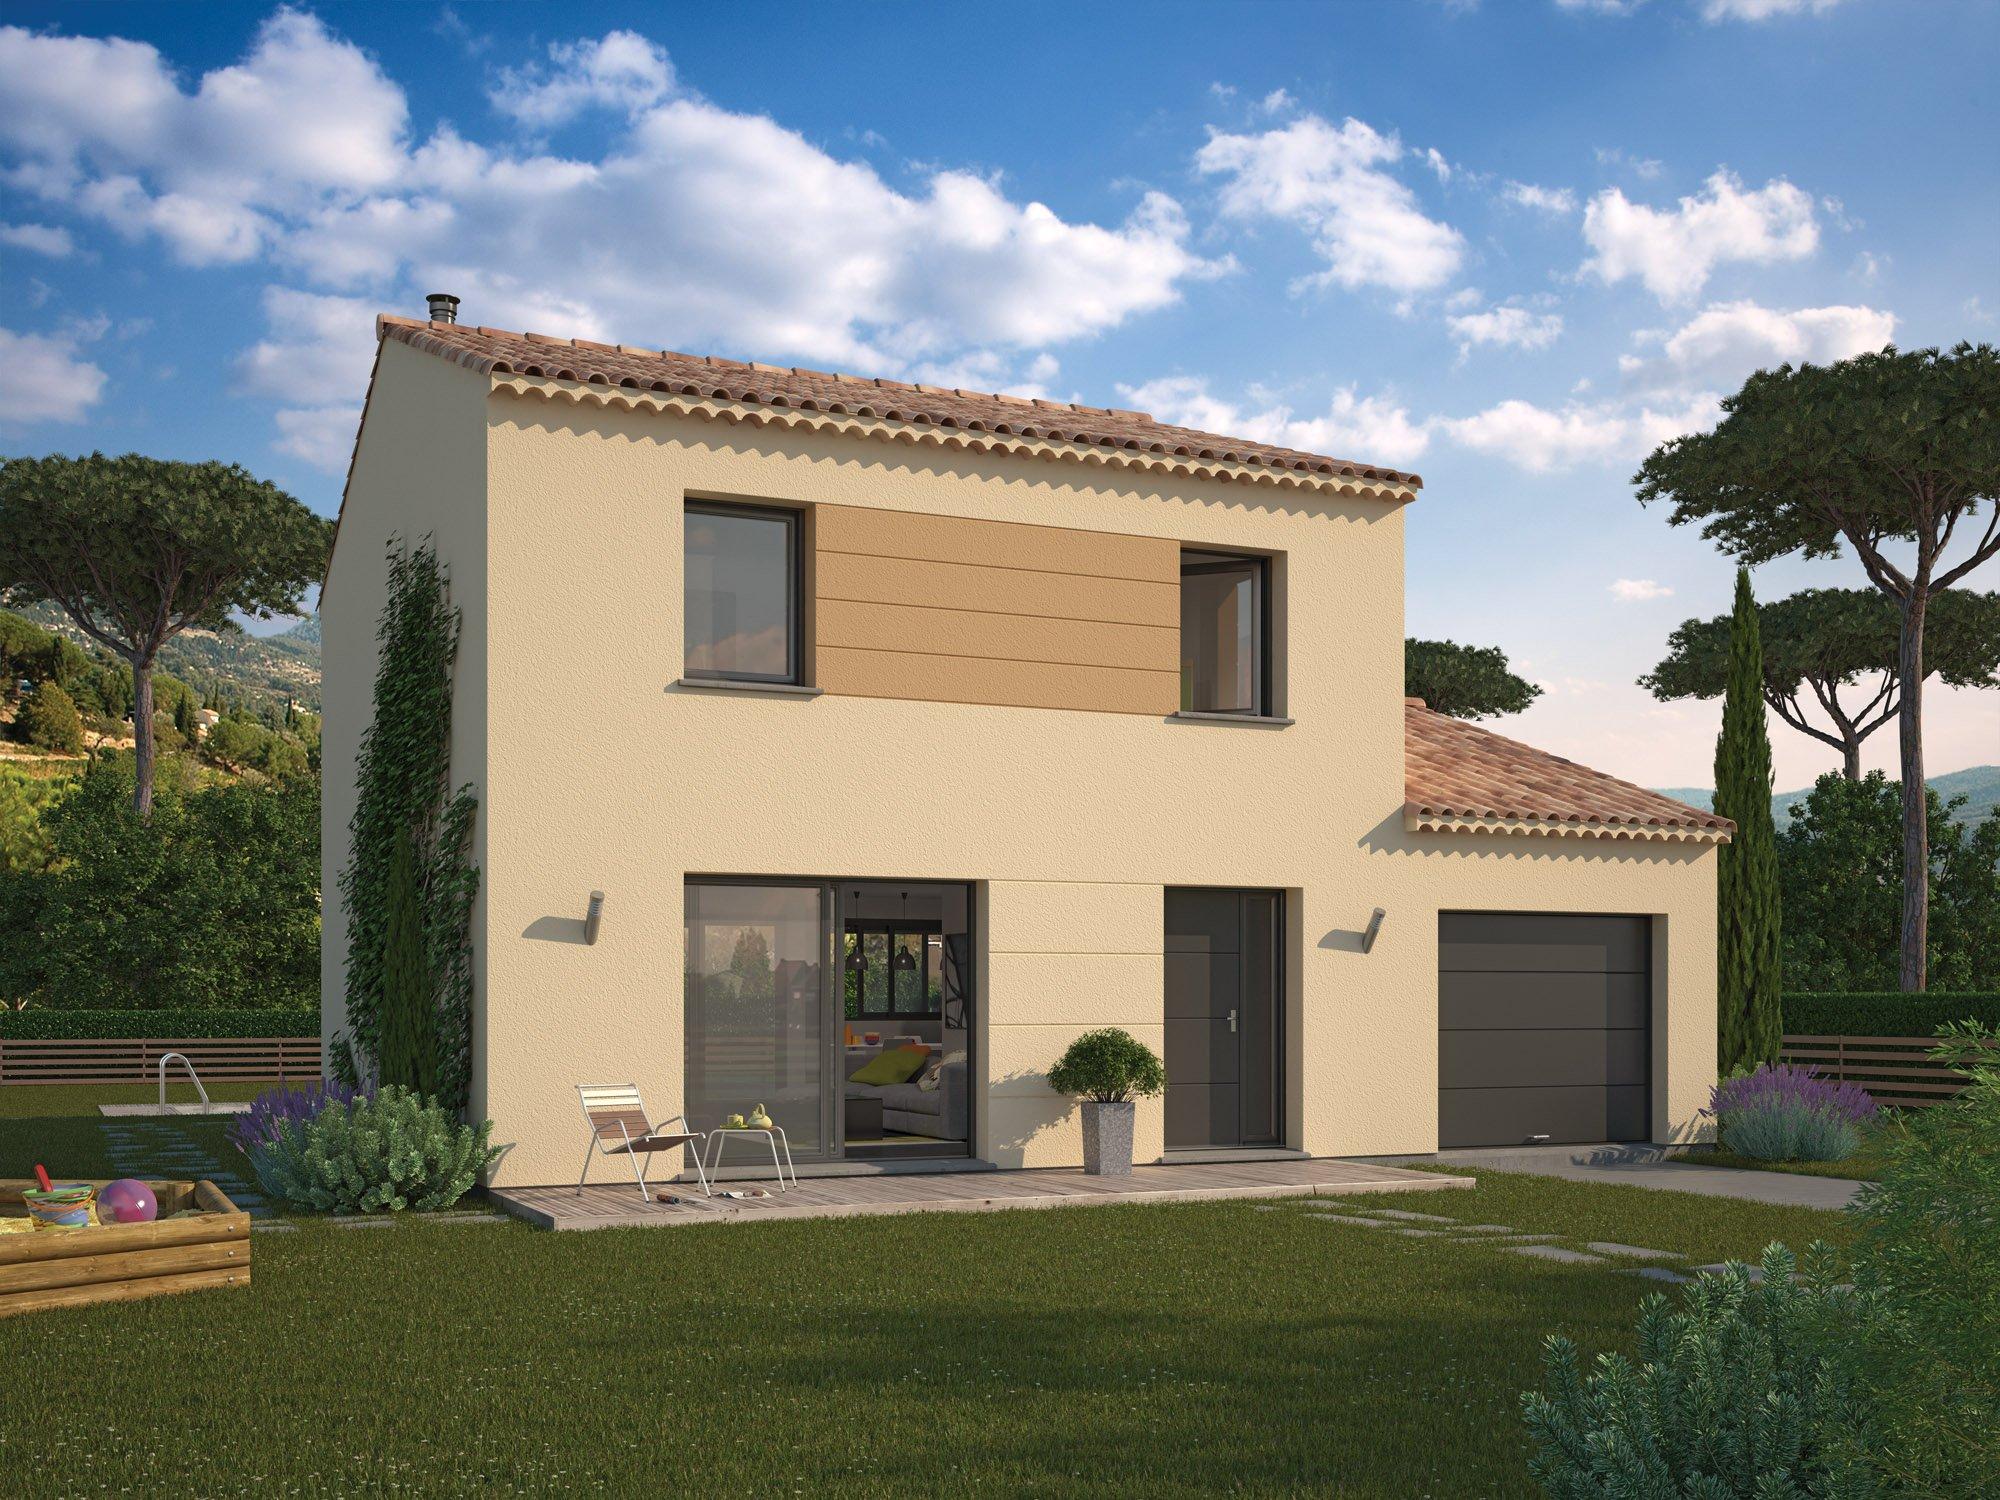 Maisons + Terrains du constructeur MAISON FAMILIALE • 120 m² • GRABELS